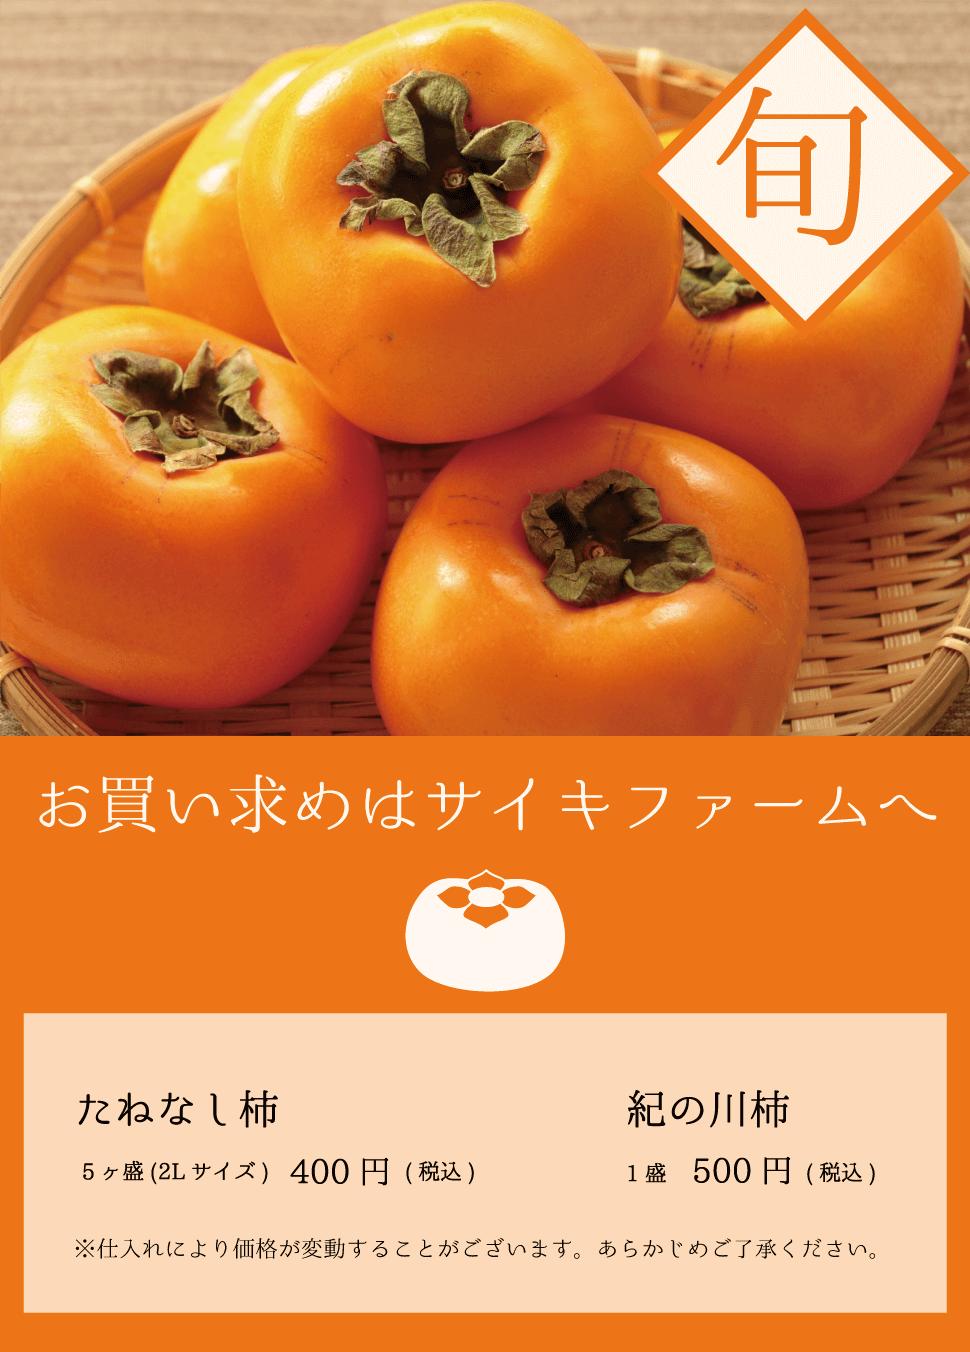 今が旬の柿 たねなし柿 紀の川柿